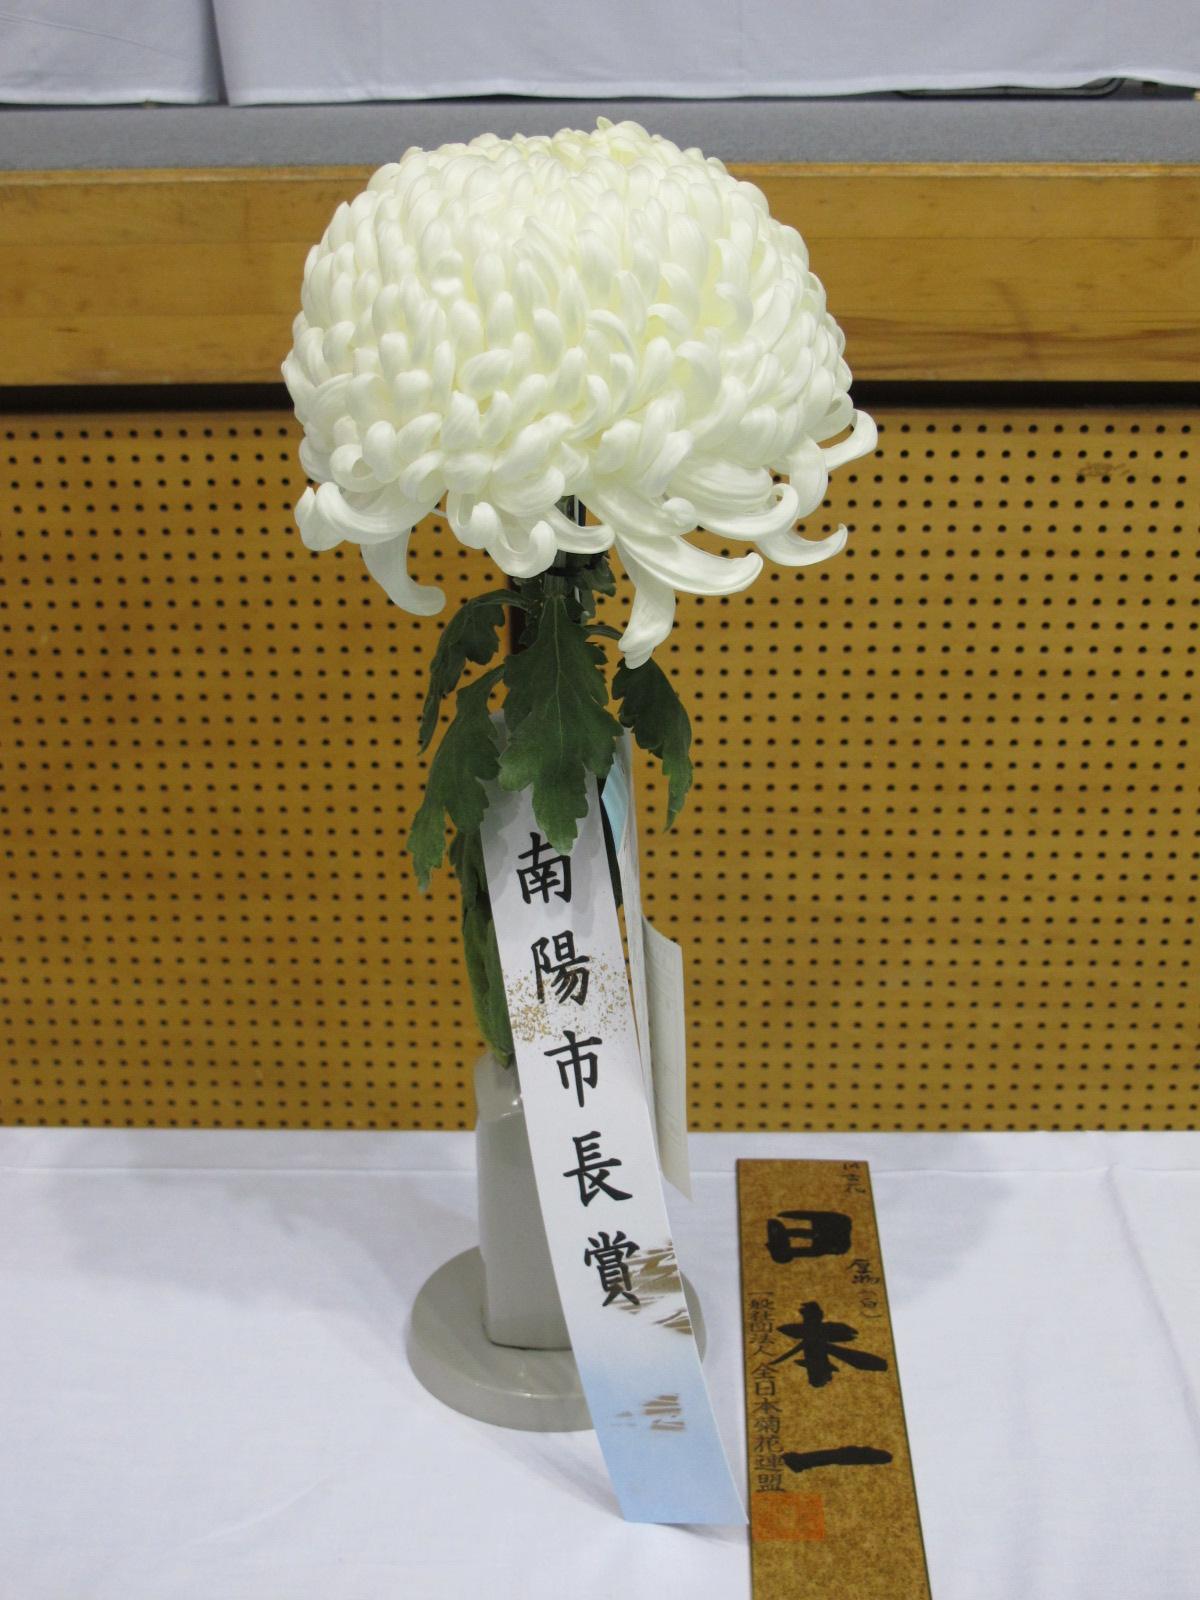 第100回 南陽の菊まつり展(11)_c0075701_20142141.jpg